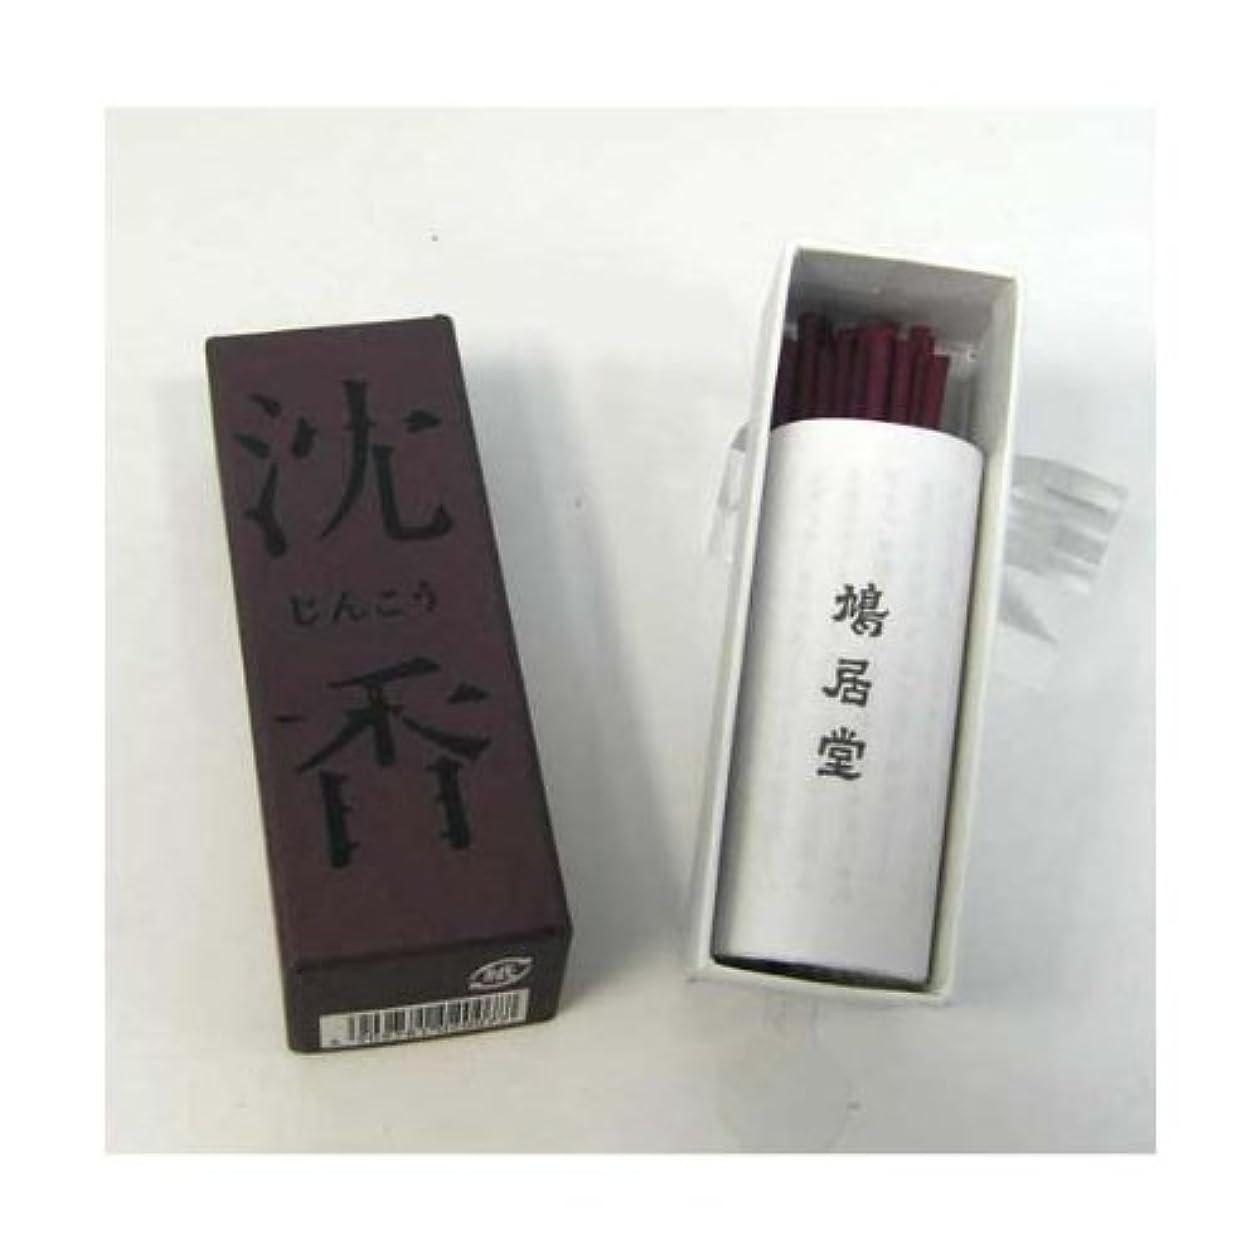 晴れ放出の中で鳩居堂 お香 沈香 香木の香りシリーズ スティックタイプ(棒状香)20本いり